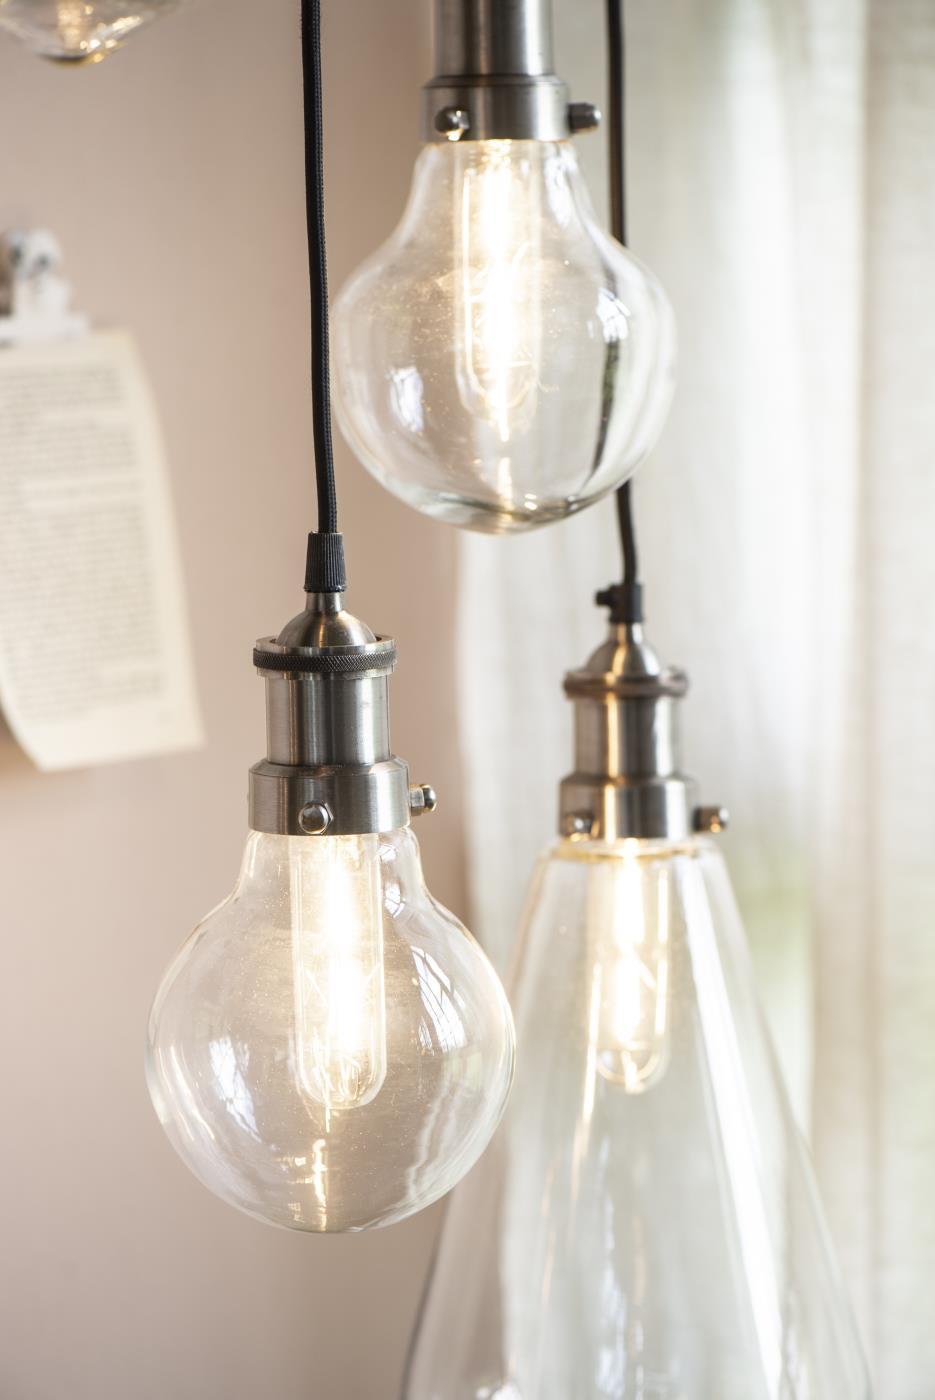 Fremragende Lampe Birnenformig inkl. Abdeckkappe - Ib Laursen NB16